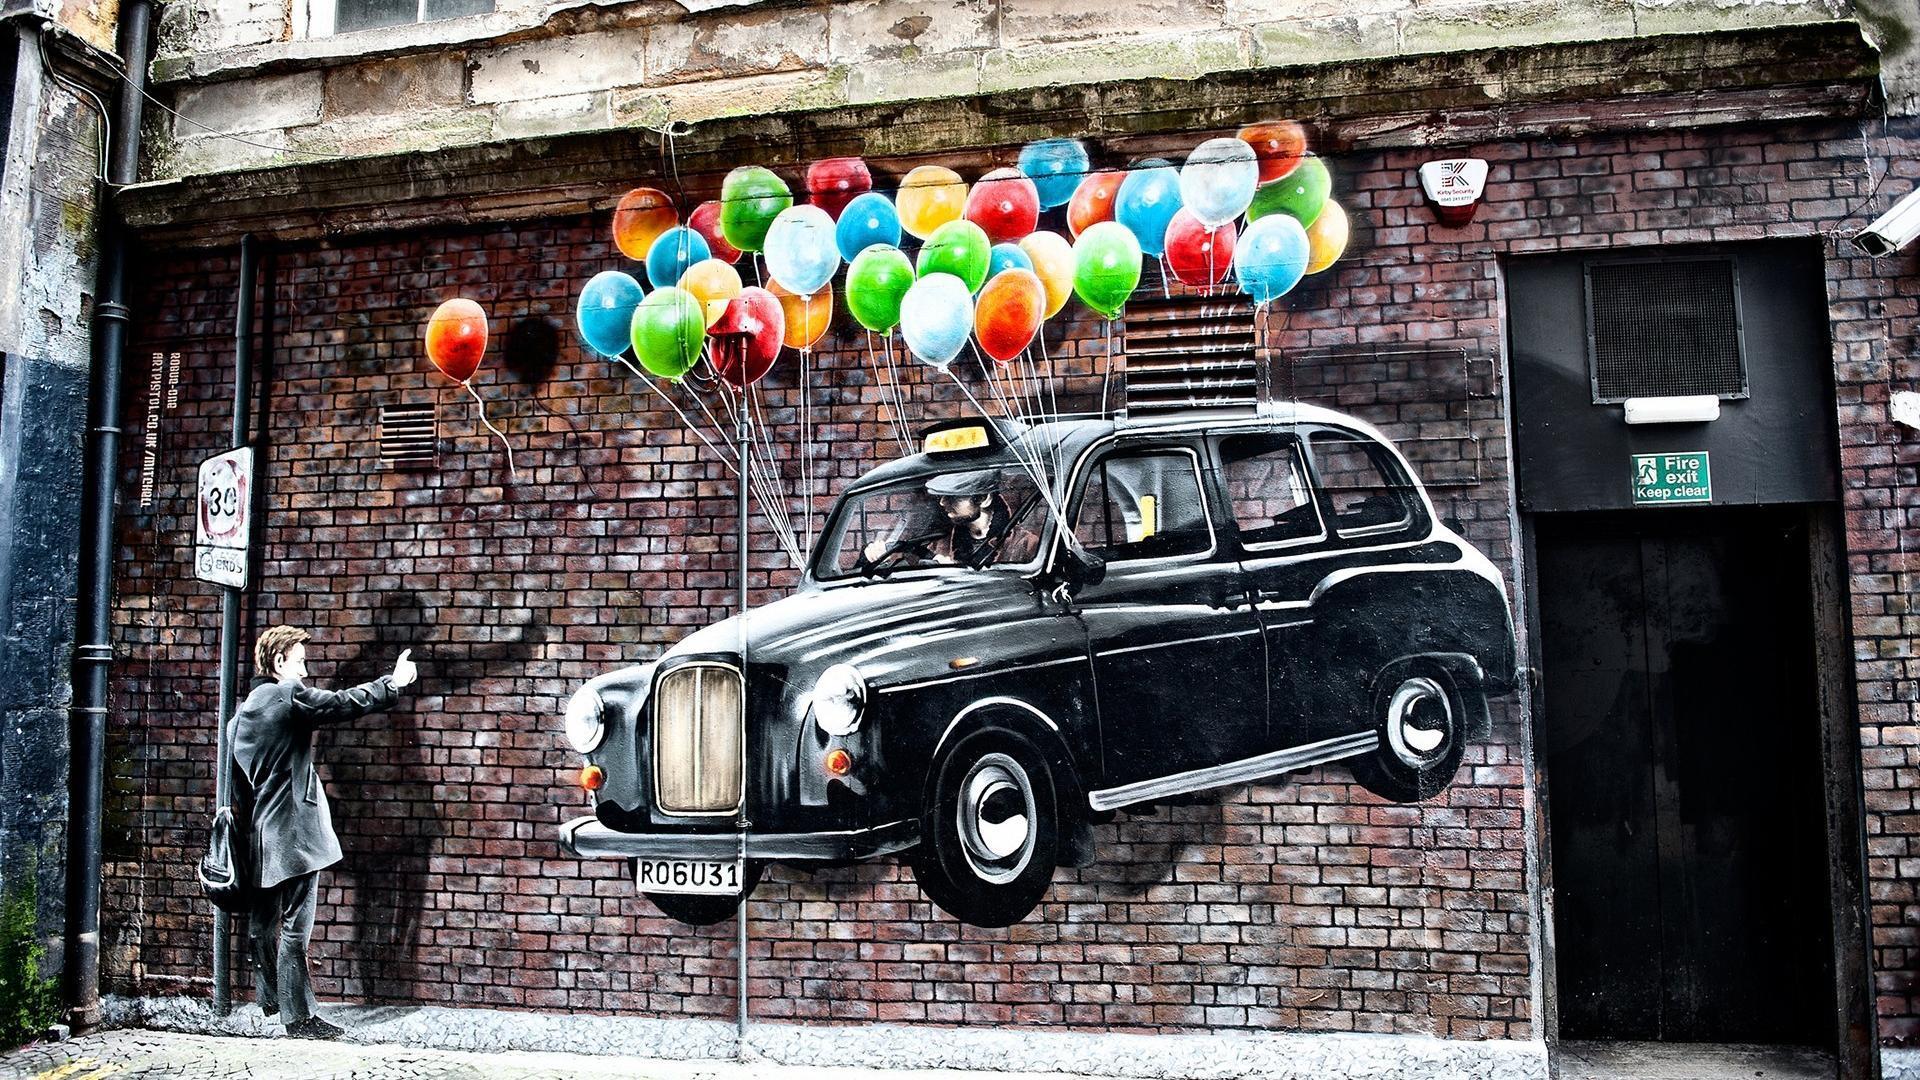 street graffiti wallpaper